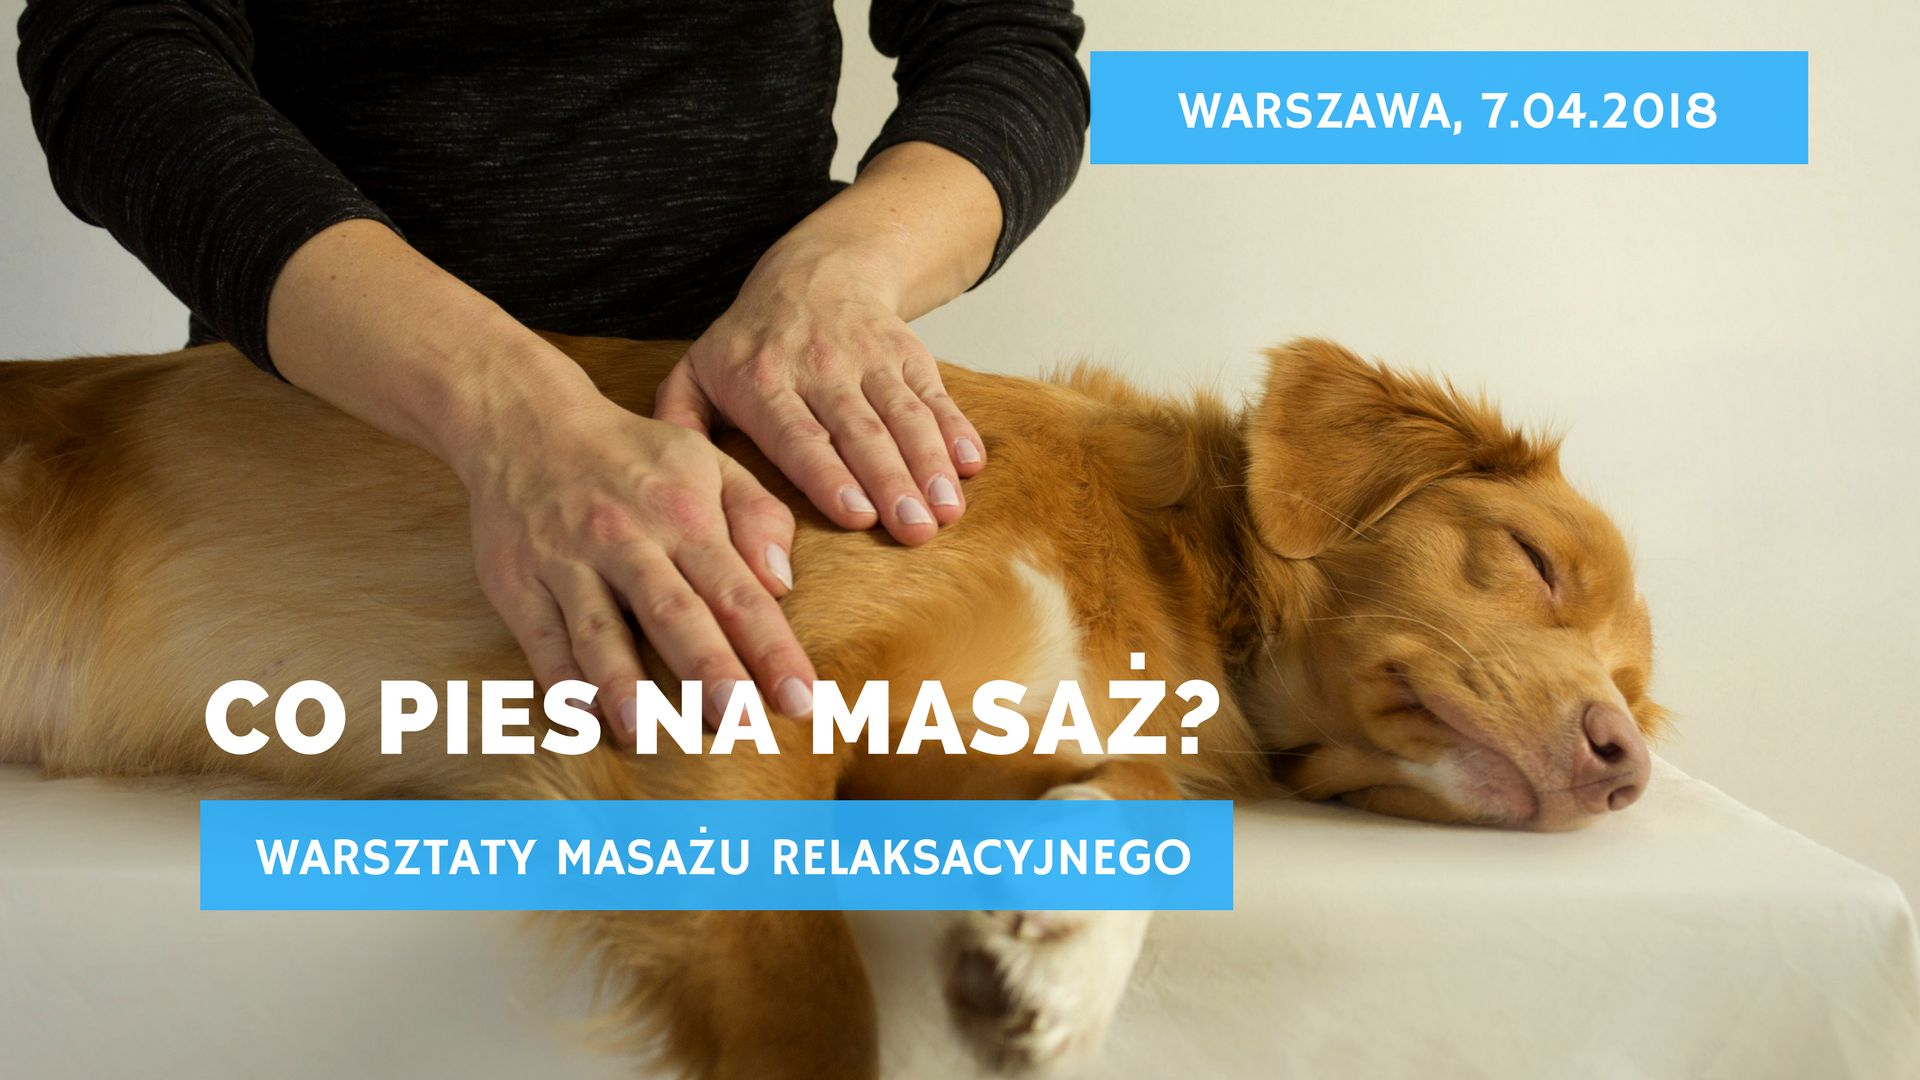 Warsztaty masażu relaksacyjnego: 7.04.2018